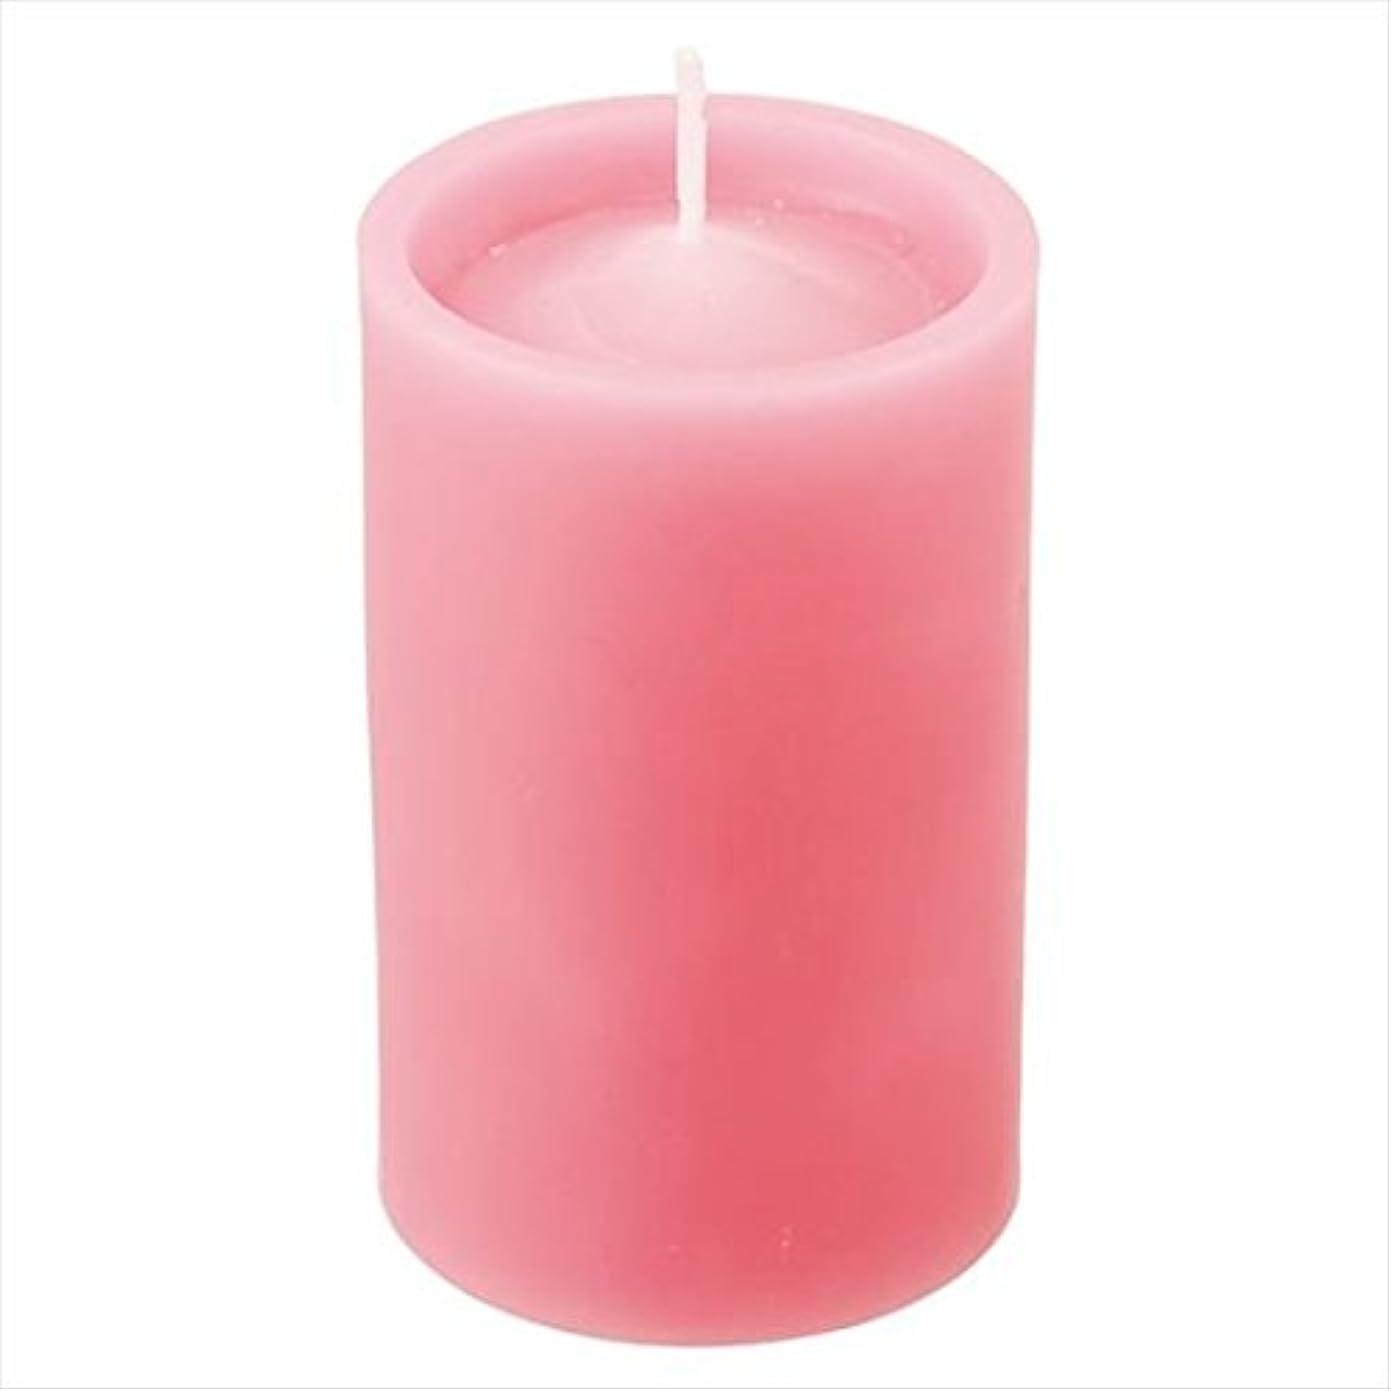 チョーク租界ストロークkameyama candle(カメヤマキャンドル) ロイヤルラウンド60 「 ダークピンク 」 キャンドル 60x60x100mm (52750000DP)